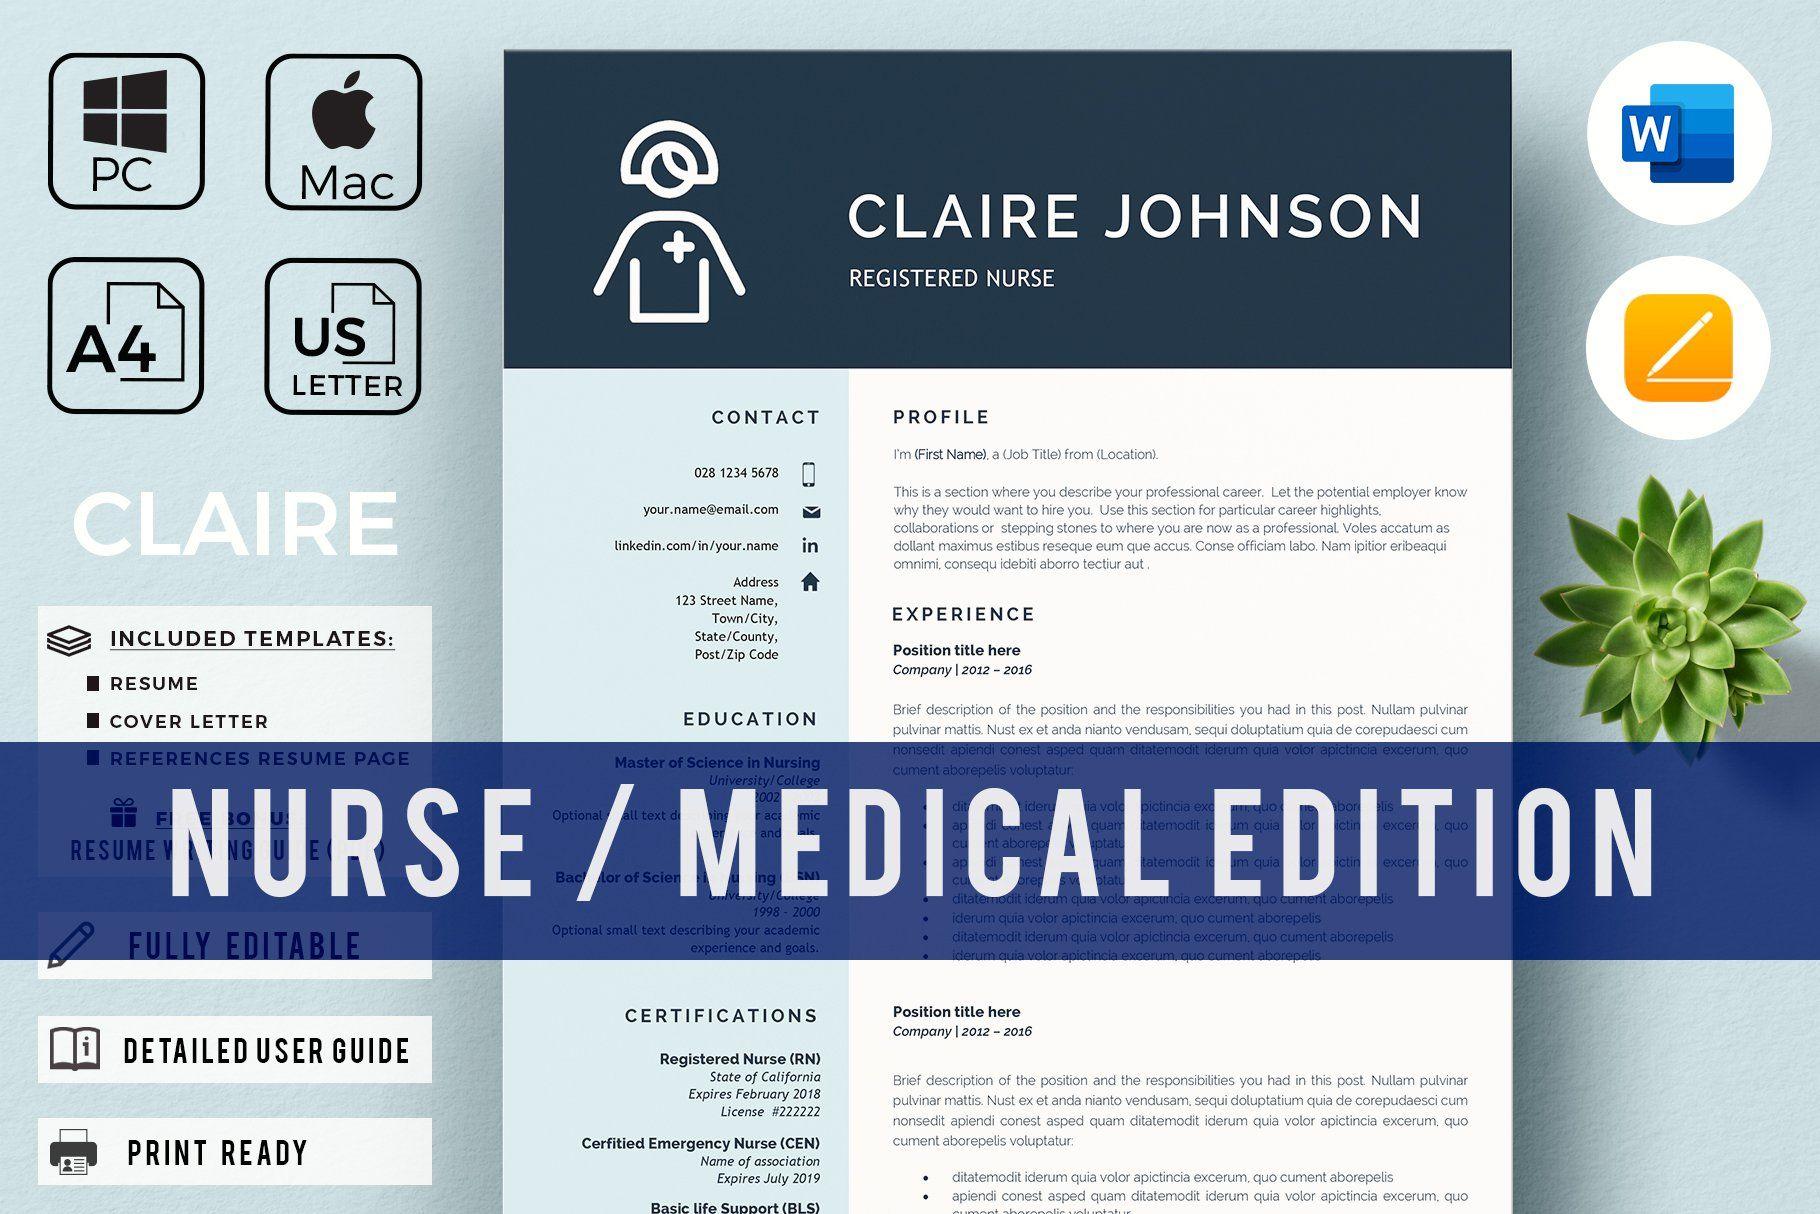 Nurse Resume Template Nursing Cv Nursing Resume Nursing Resume Template Resume Template